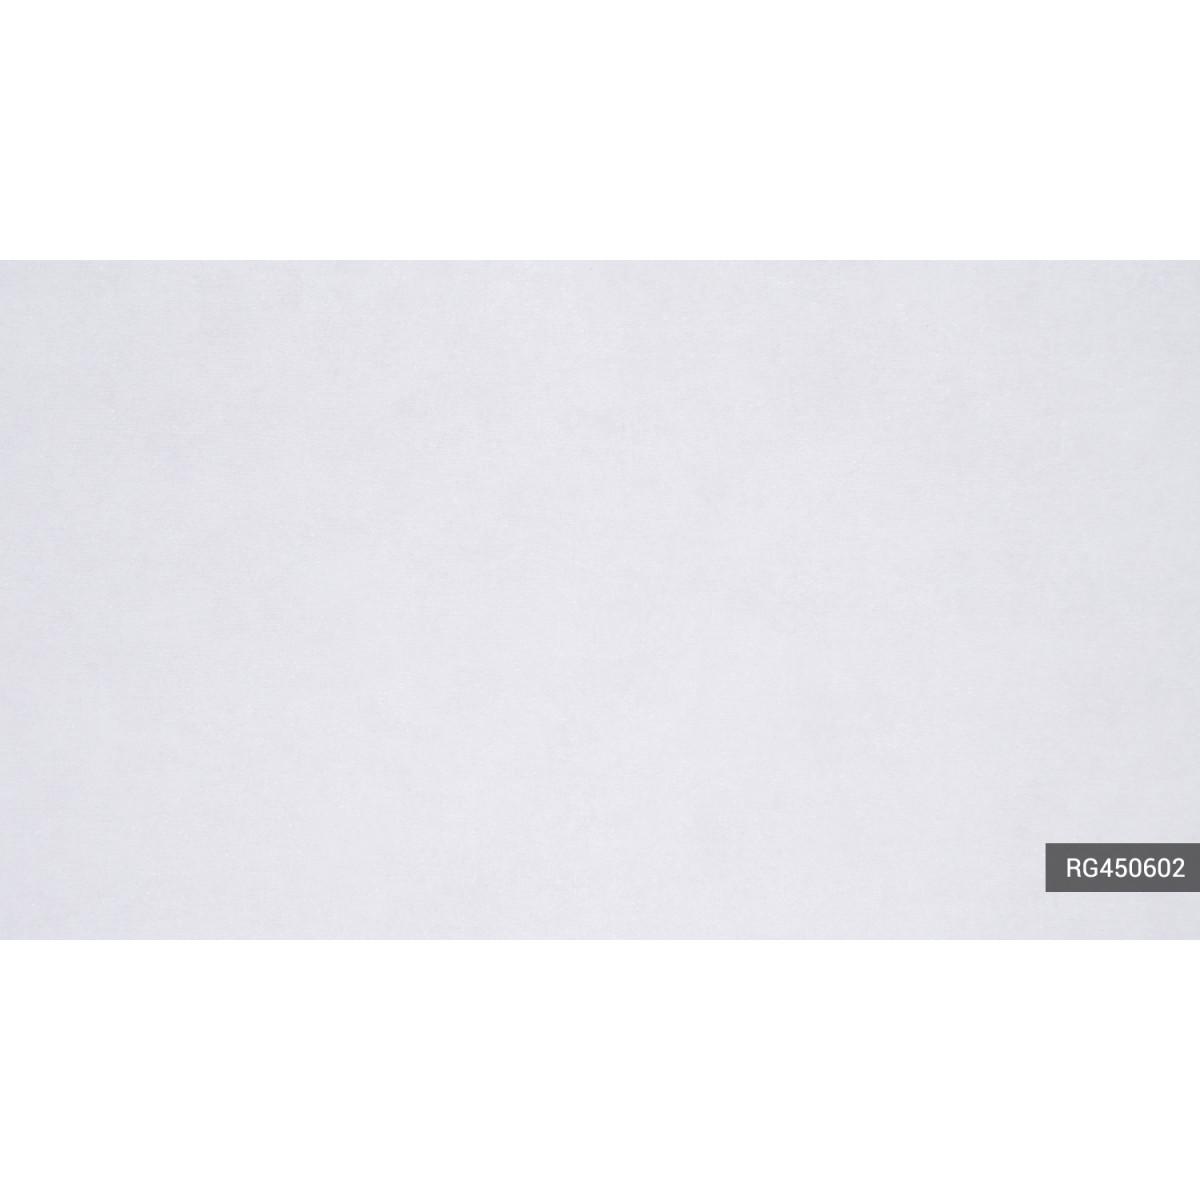 Обои флизелиновые Relance Giulio серые 1.06 м RG450602